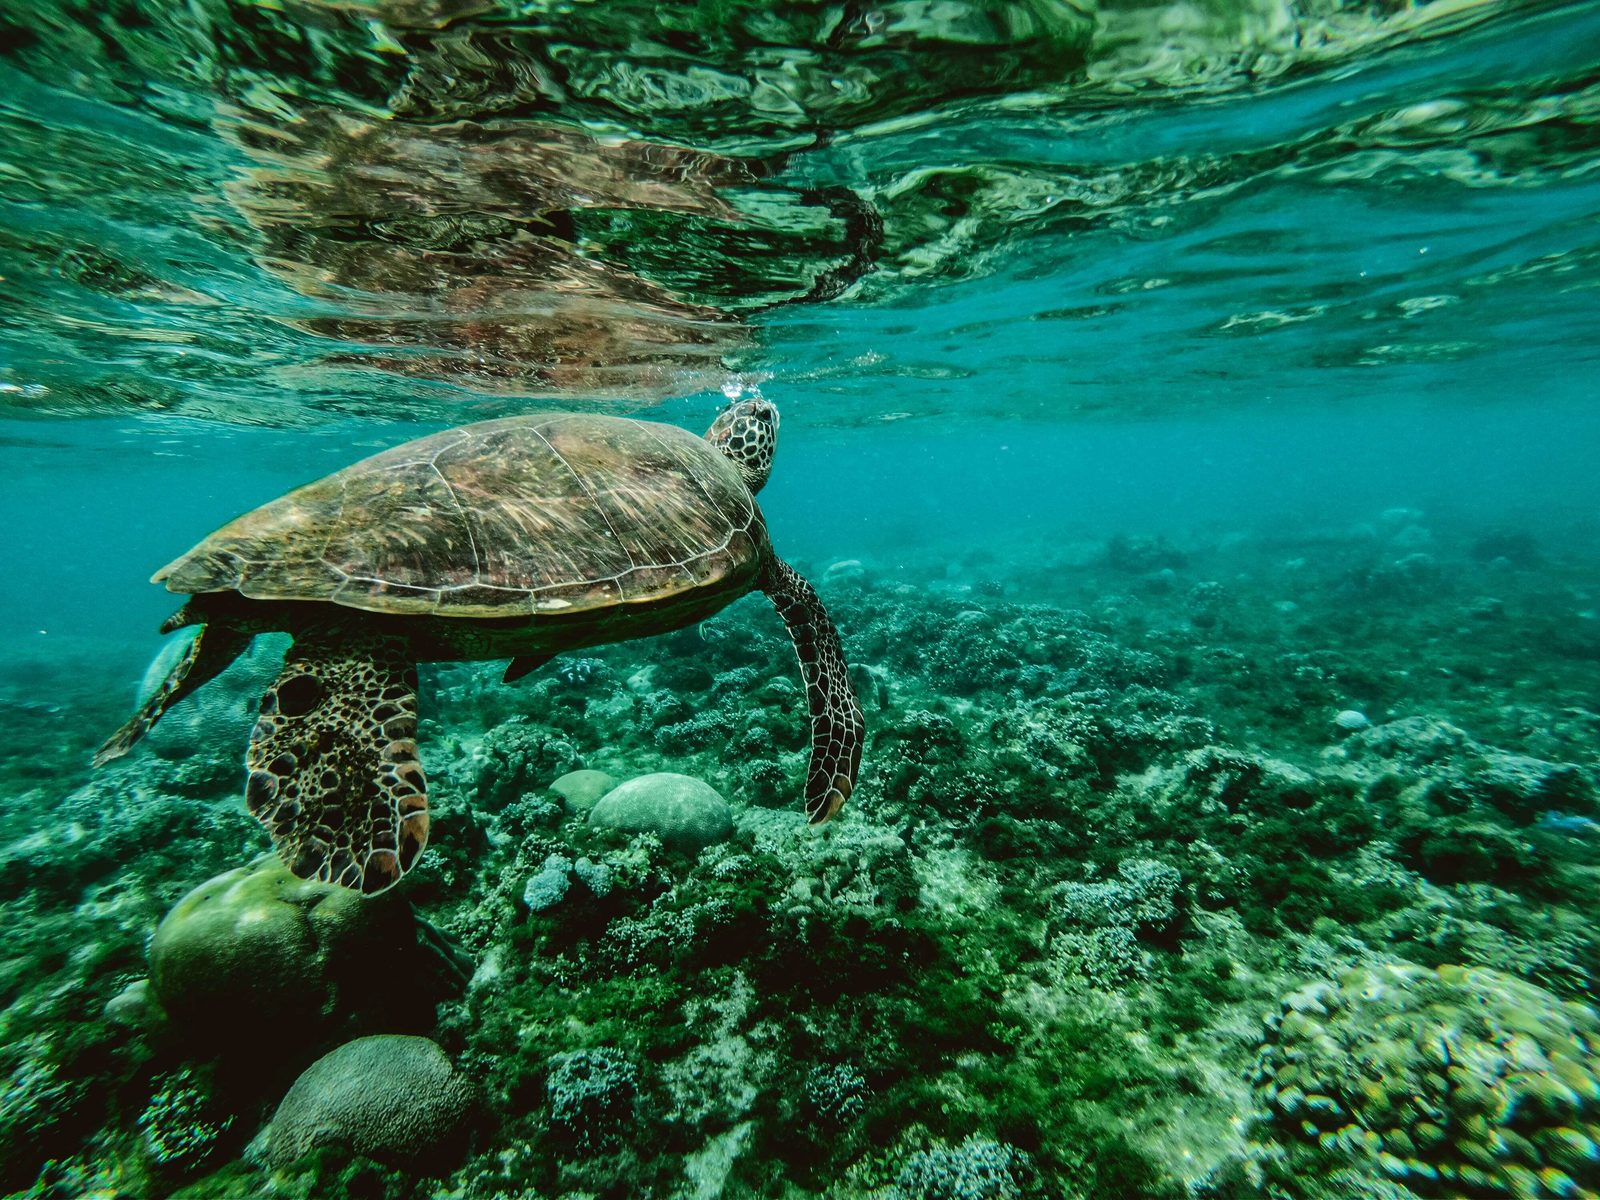 Dieren op Bonaire zijn niet alleen leuk om naar te kijken, ook om mee te zwemmen. Lees meer over de dieren op Bonaire, die je kunt tegenkomen.